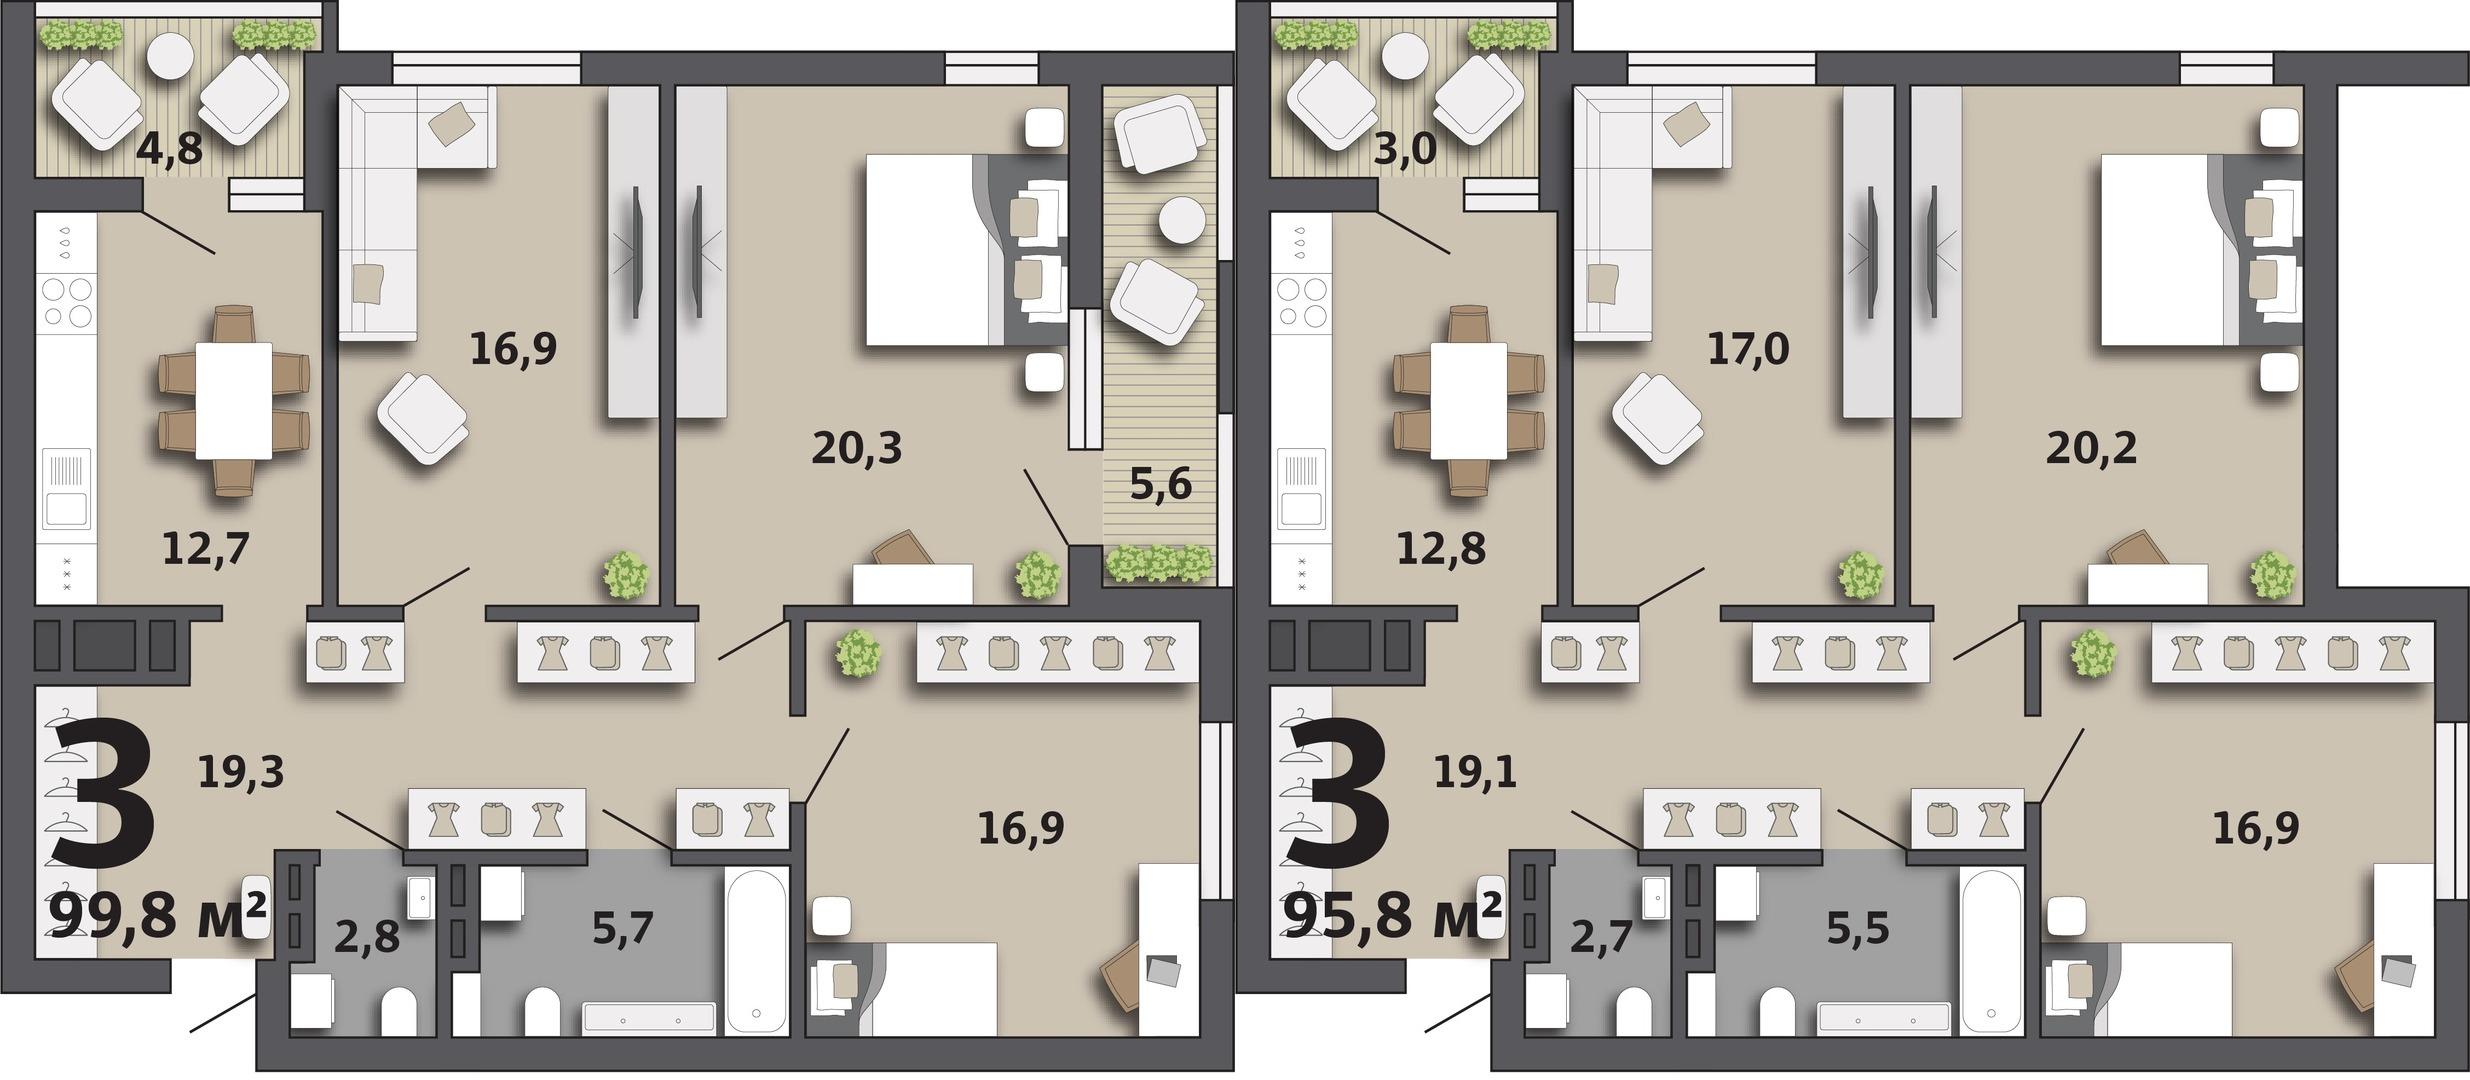 Примеры планировки трехкомнатных квартир. Еще больше увеличить пространство можно за счет коридора и лоджий